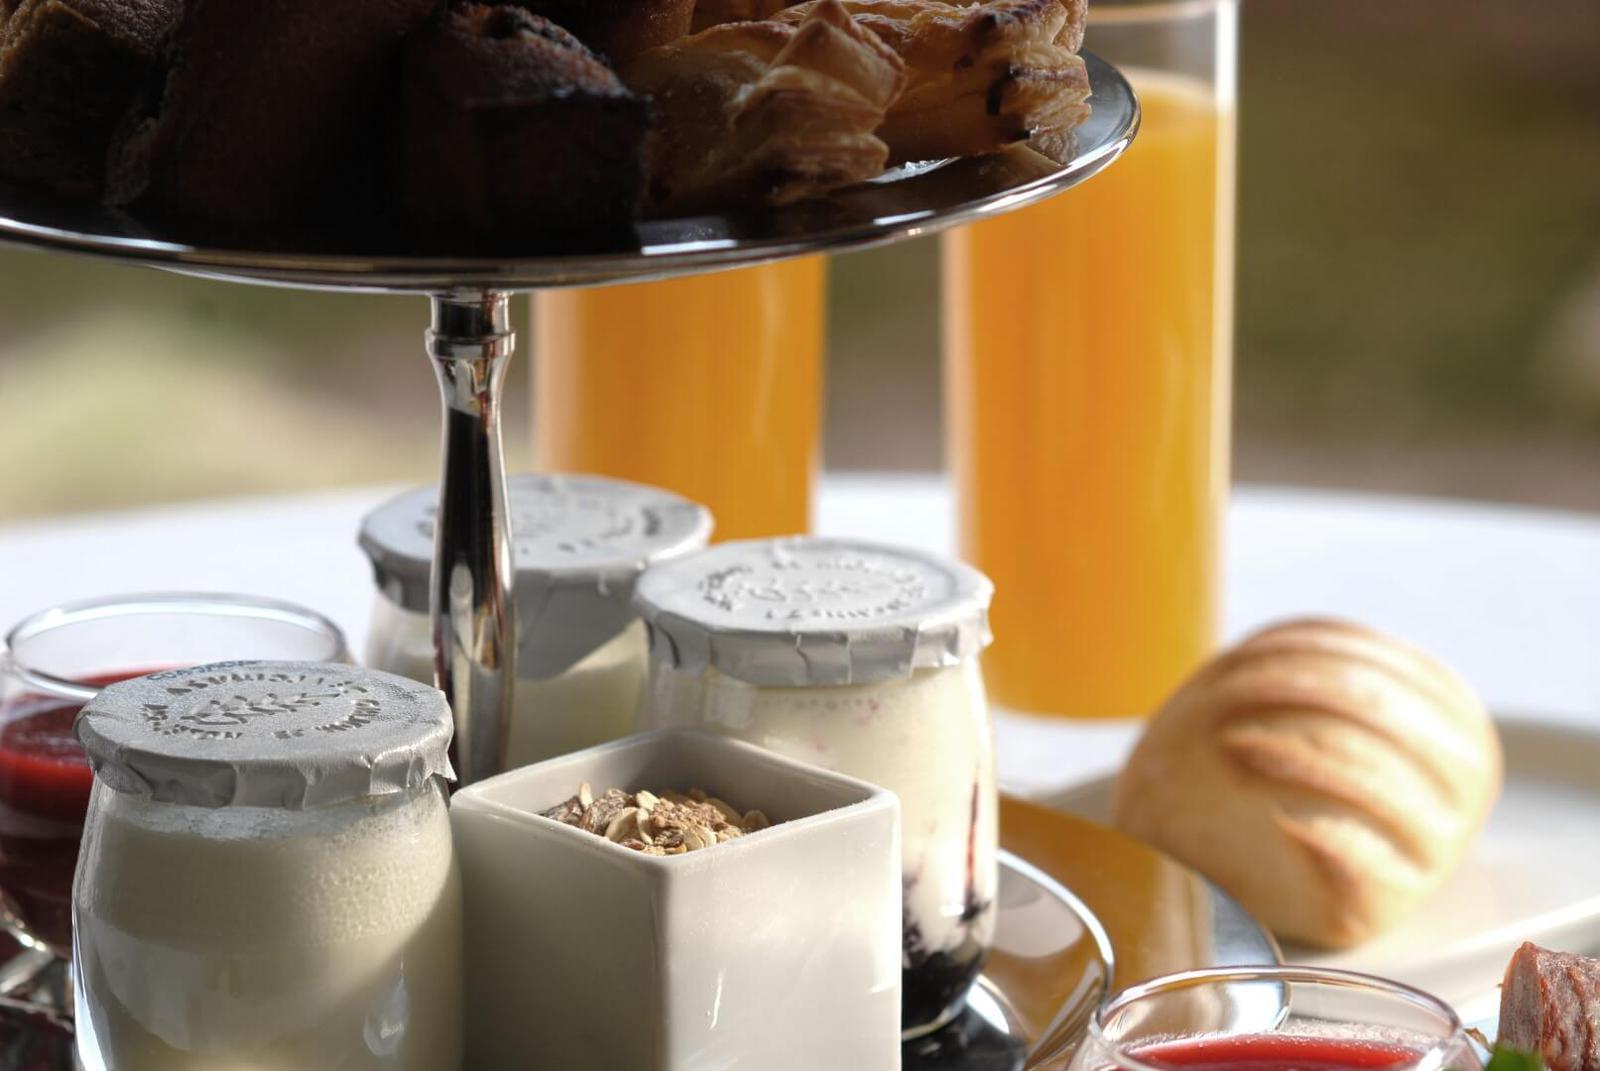 desayunos-del-molino-de-alcuneza-con-zumos-naturales-yogures-artesanos